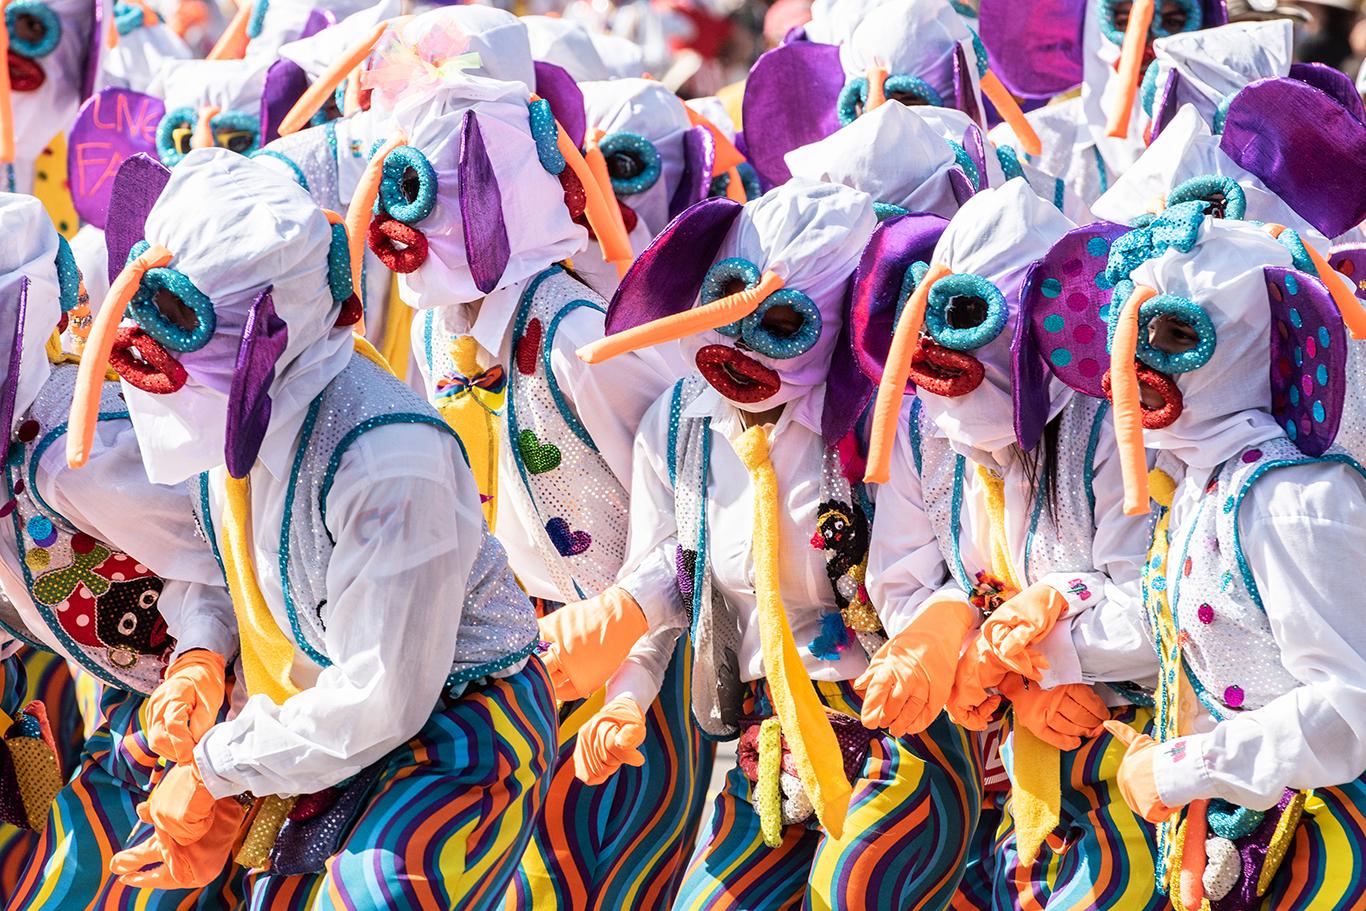 El carnaval de Barranquilla se destaca por sus personajes típicos como la Marimonda